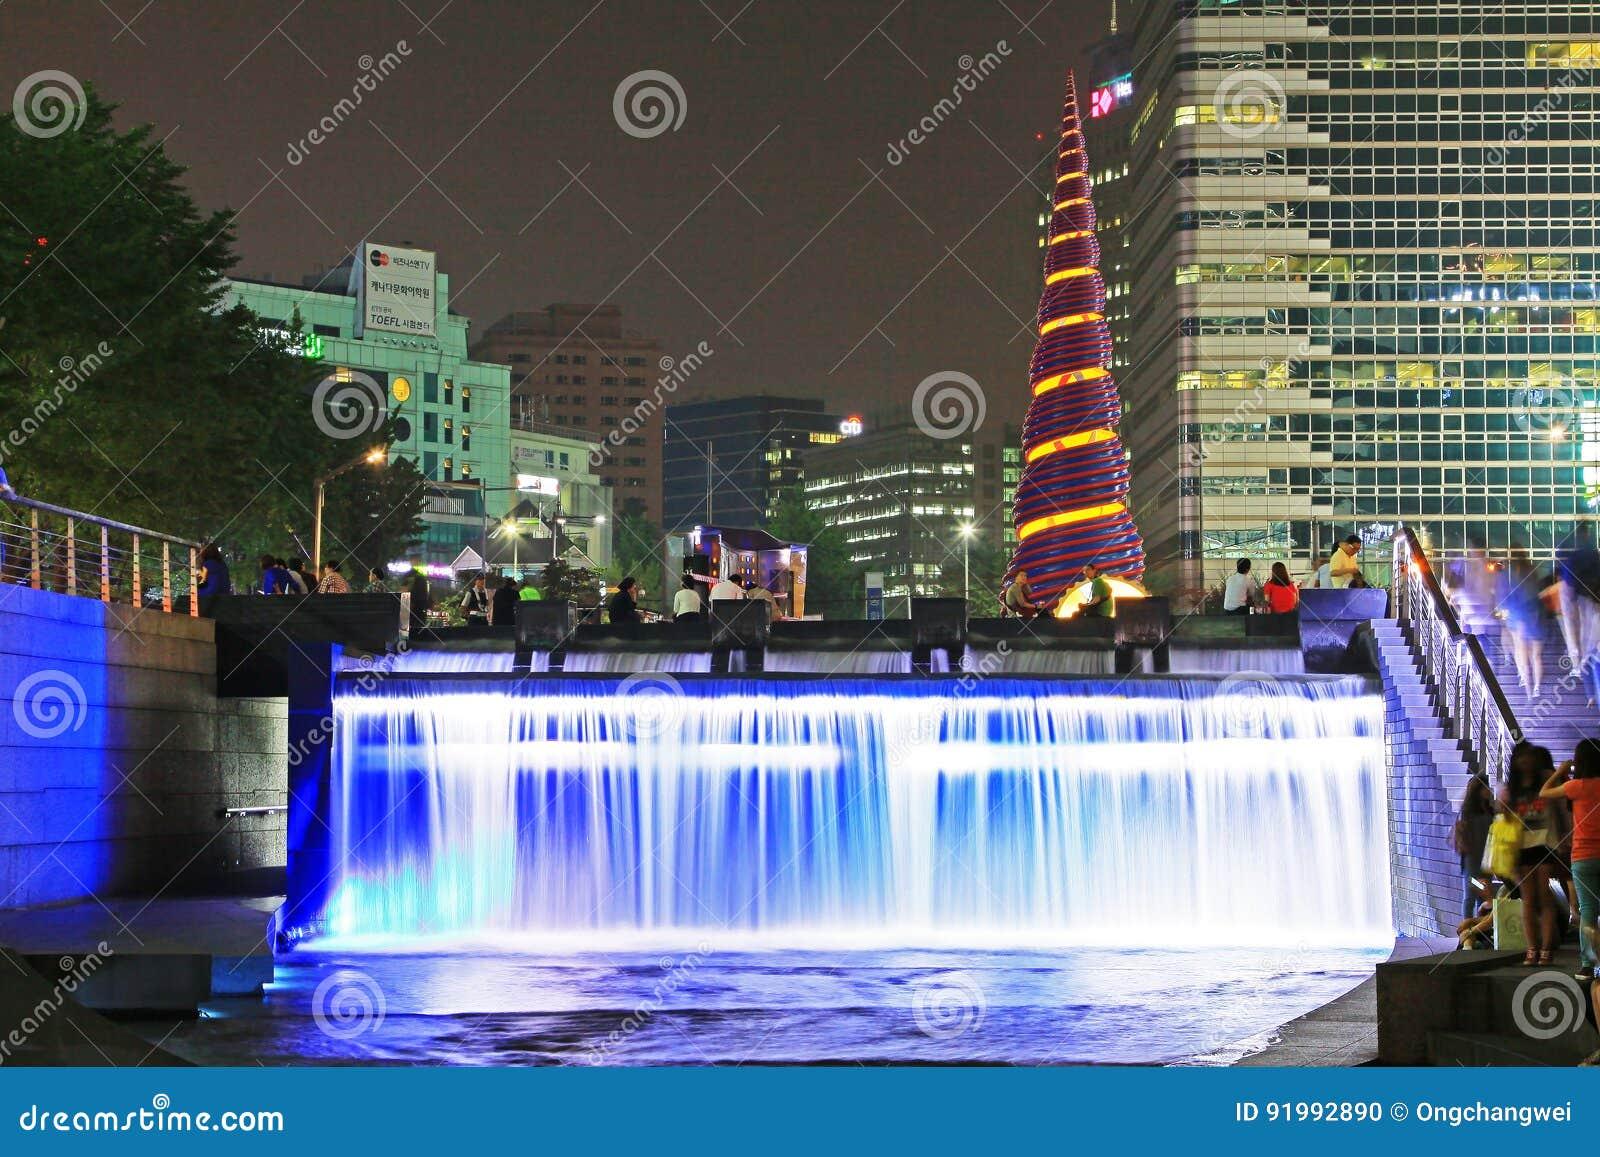 Korea Seoul Cheonggyecheon Stream And City Night Scenes